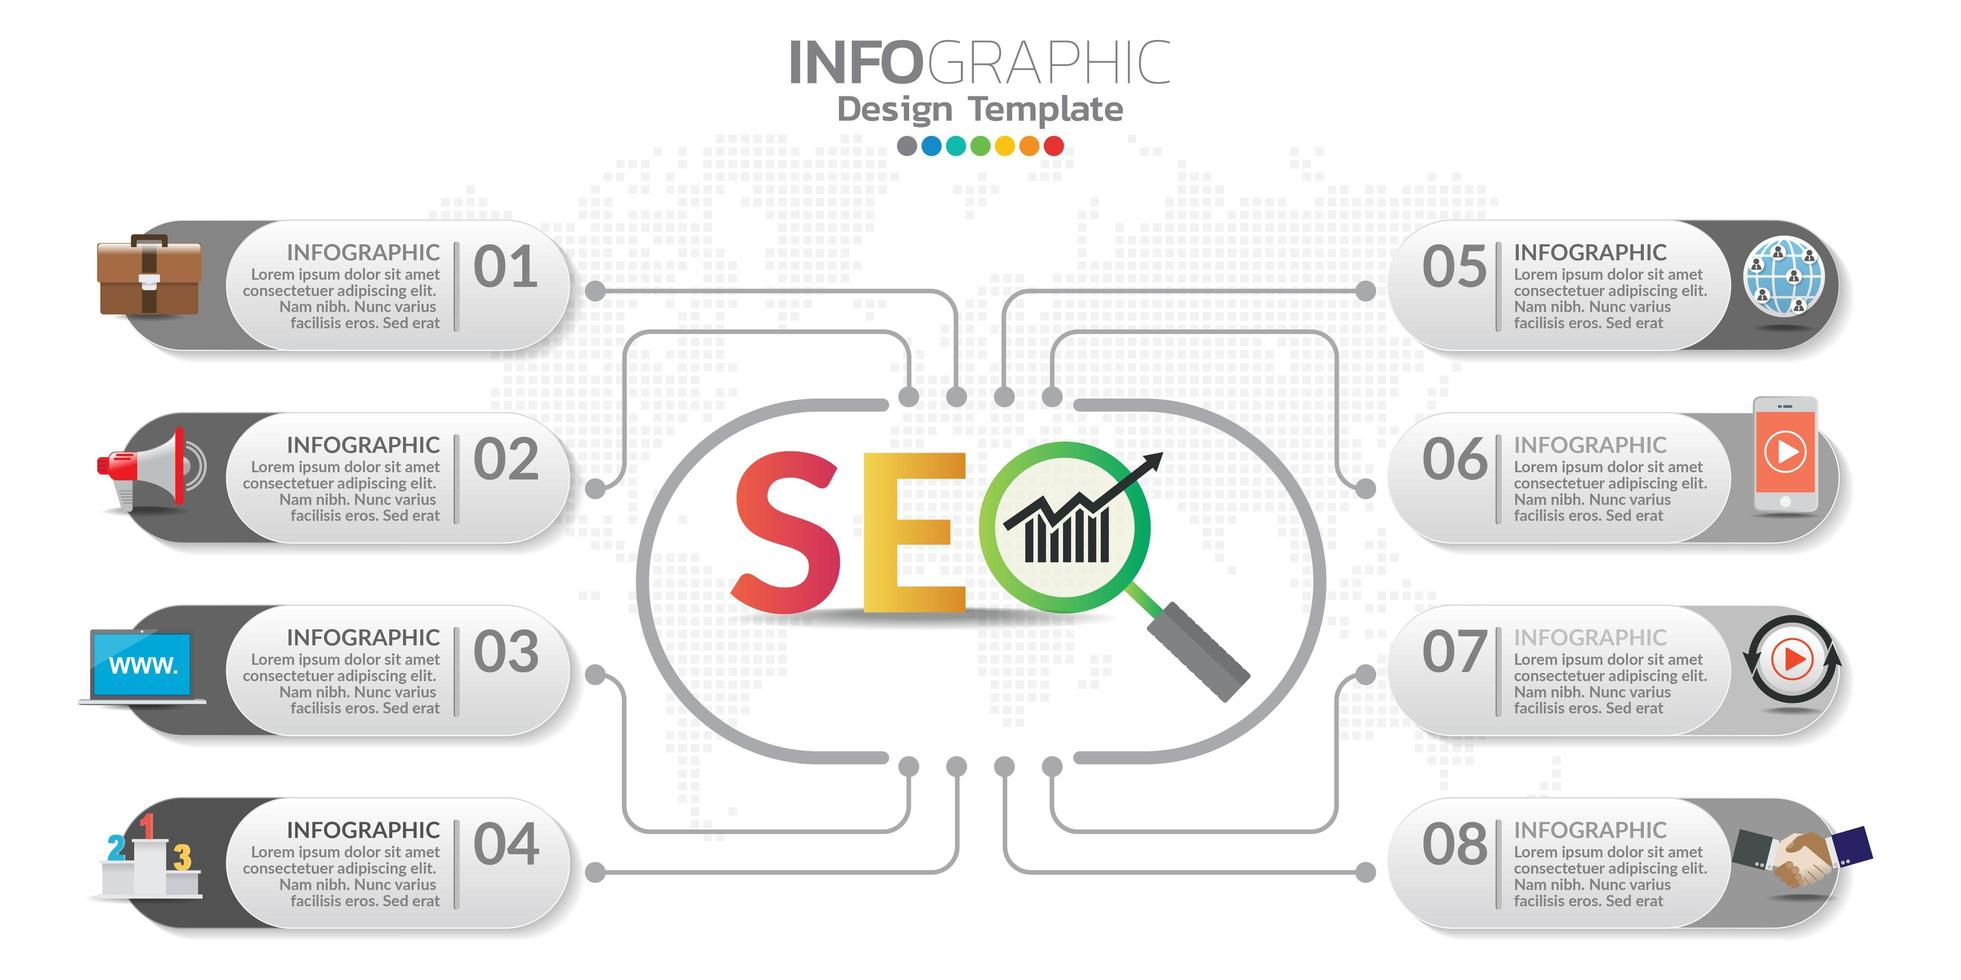 bannière de marketing en ligne numérique avec des icônes pour le contenu de l'entreprise. vecteur